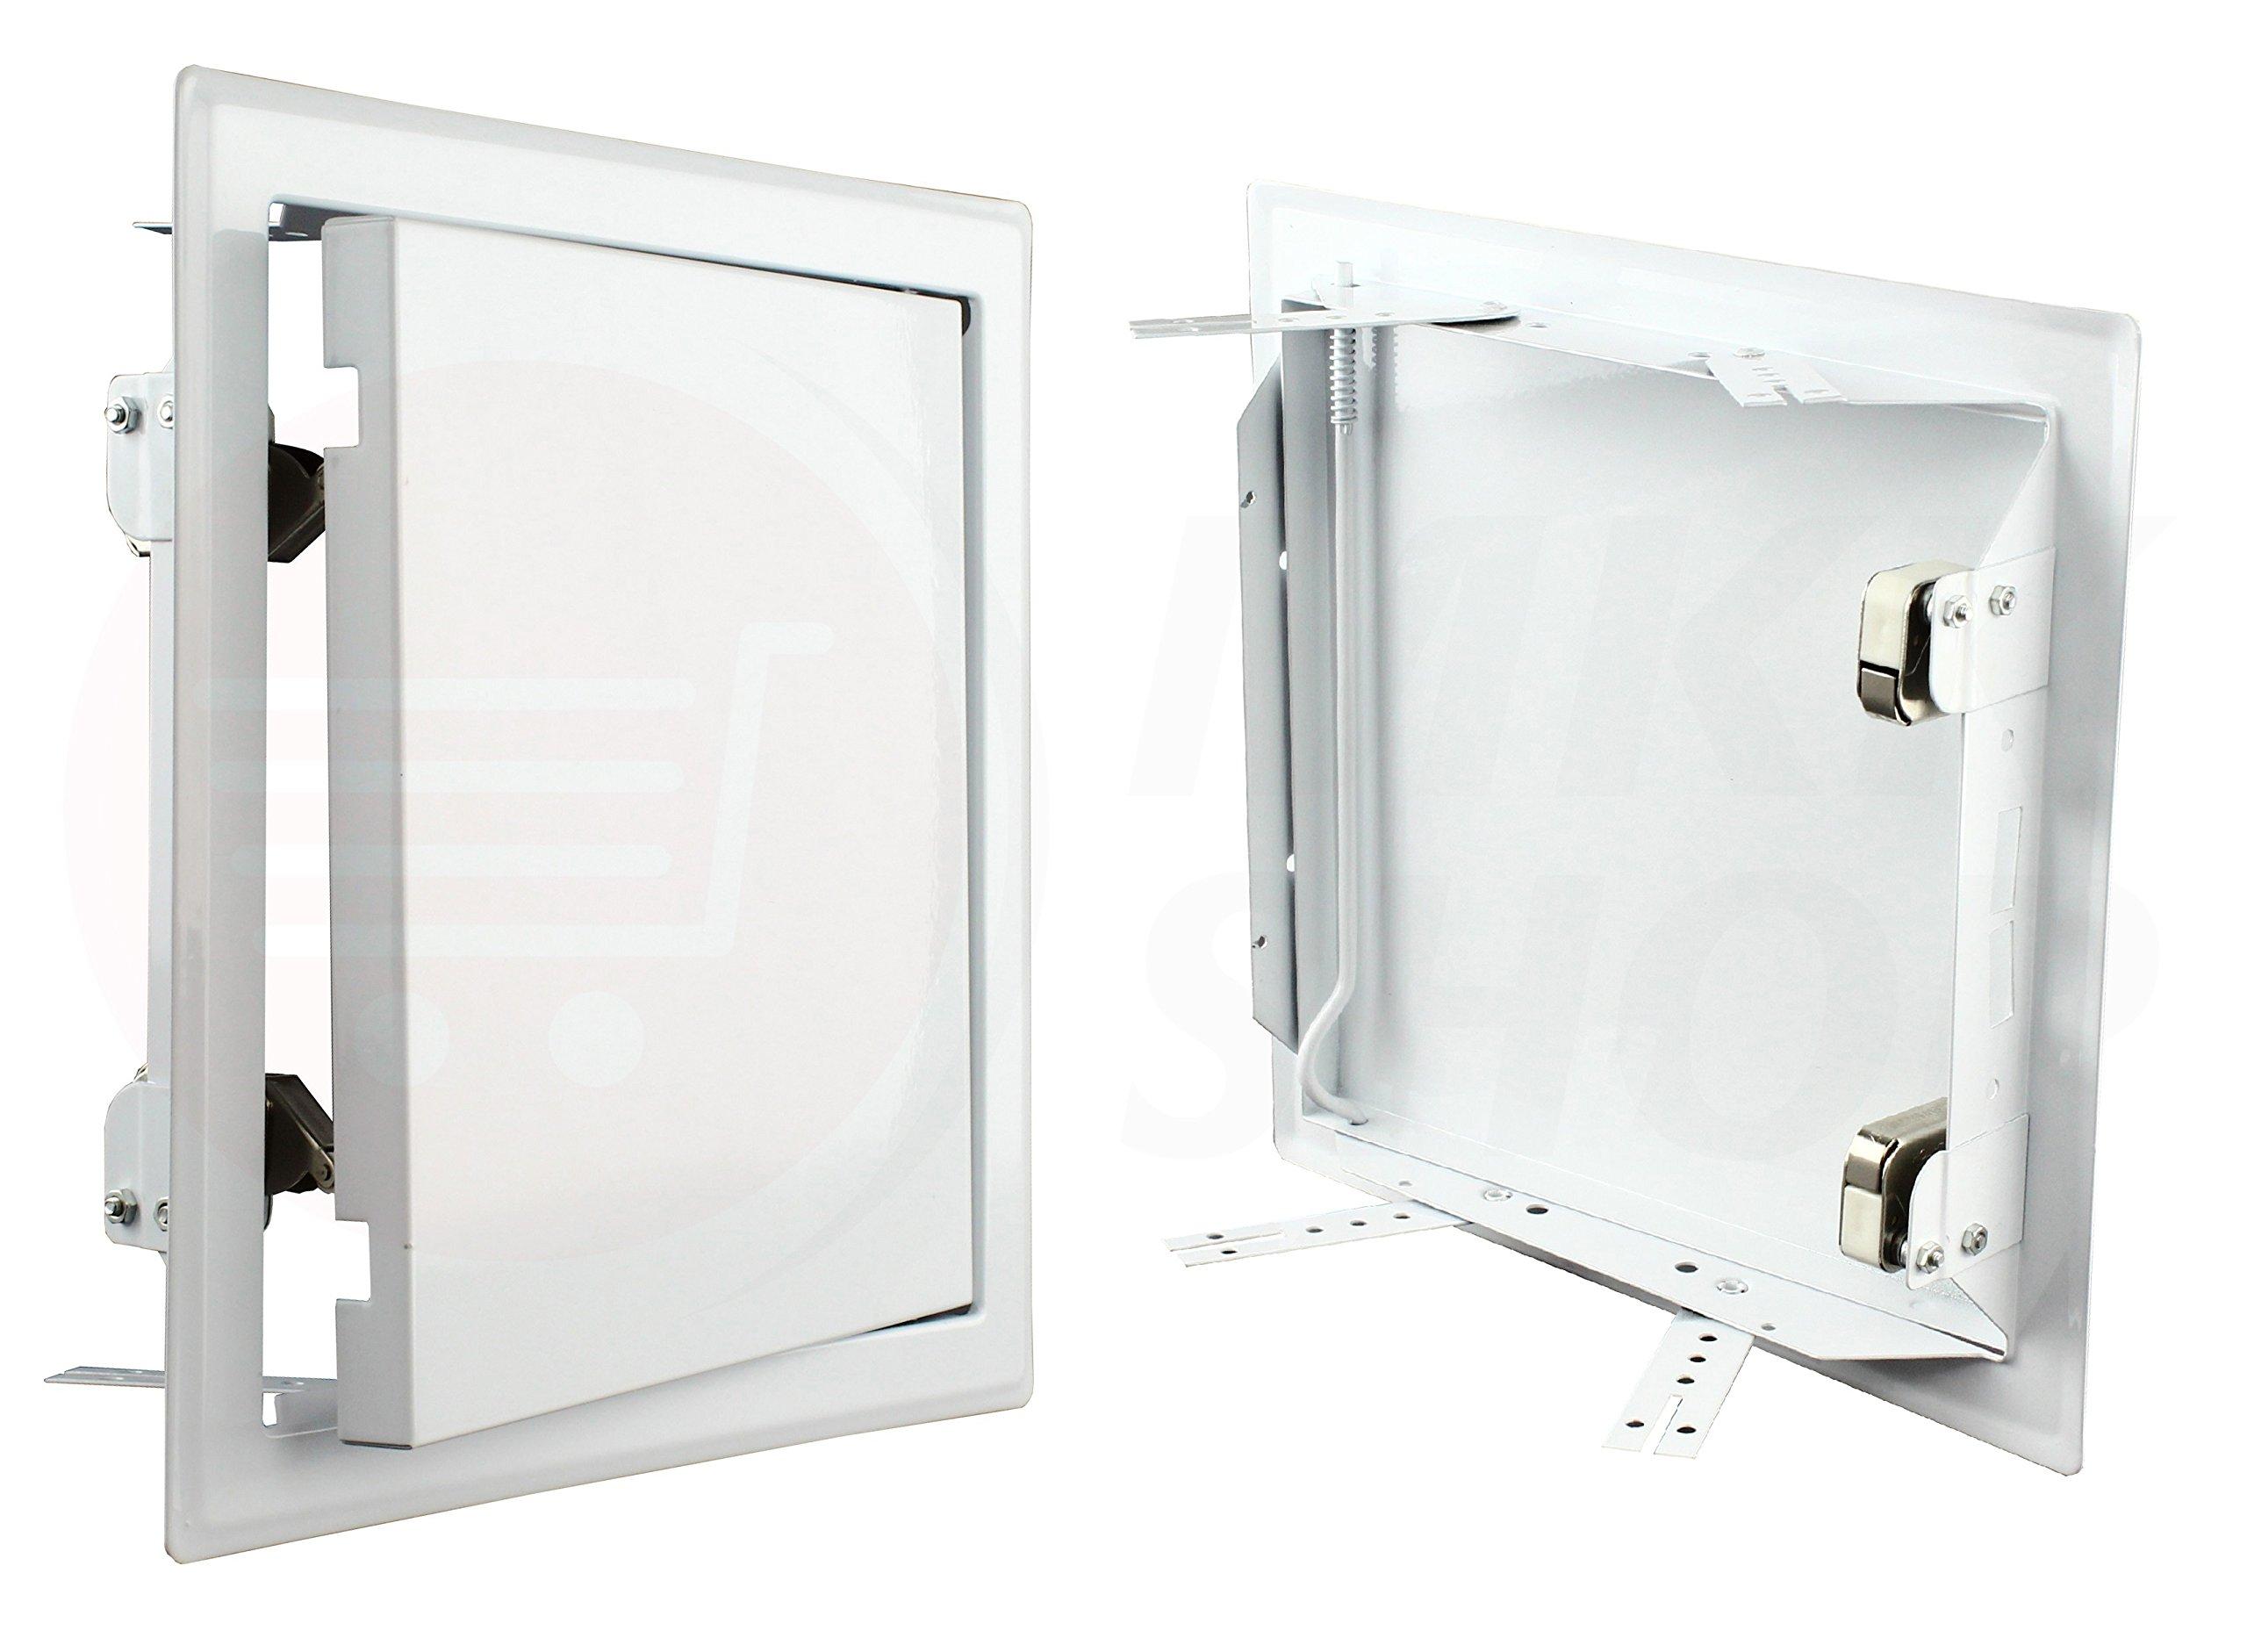 Premium Tapa para revisión metal blanco con impresión cierre pladur azulejos Puerta Mantenimiento para puerta Muro ancla Lavado Tapa Mantenimiento Apertura limpiador para puerta de inspección Mantenimiento Tapa polvo en diferentes tamaños,